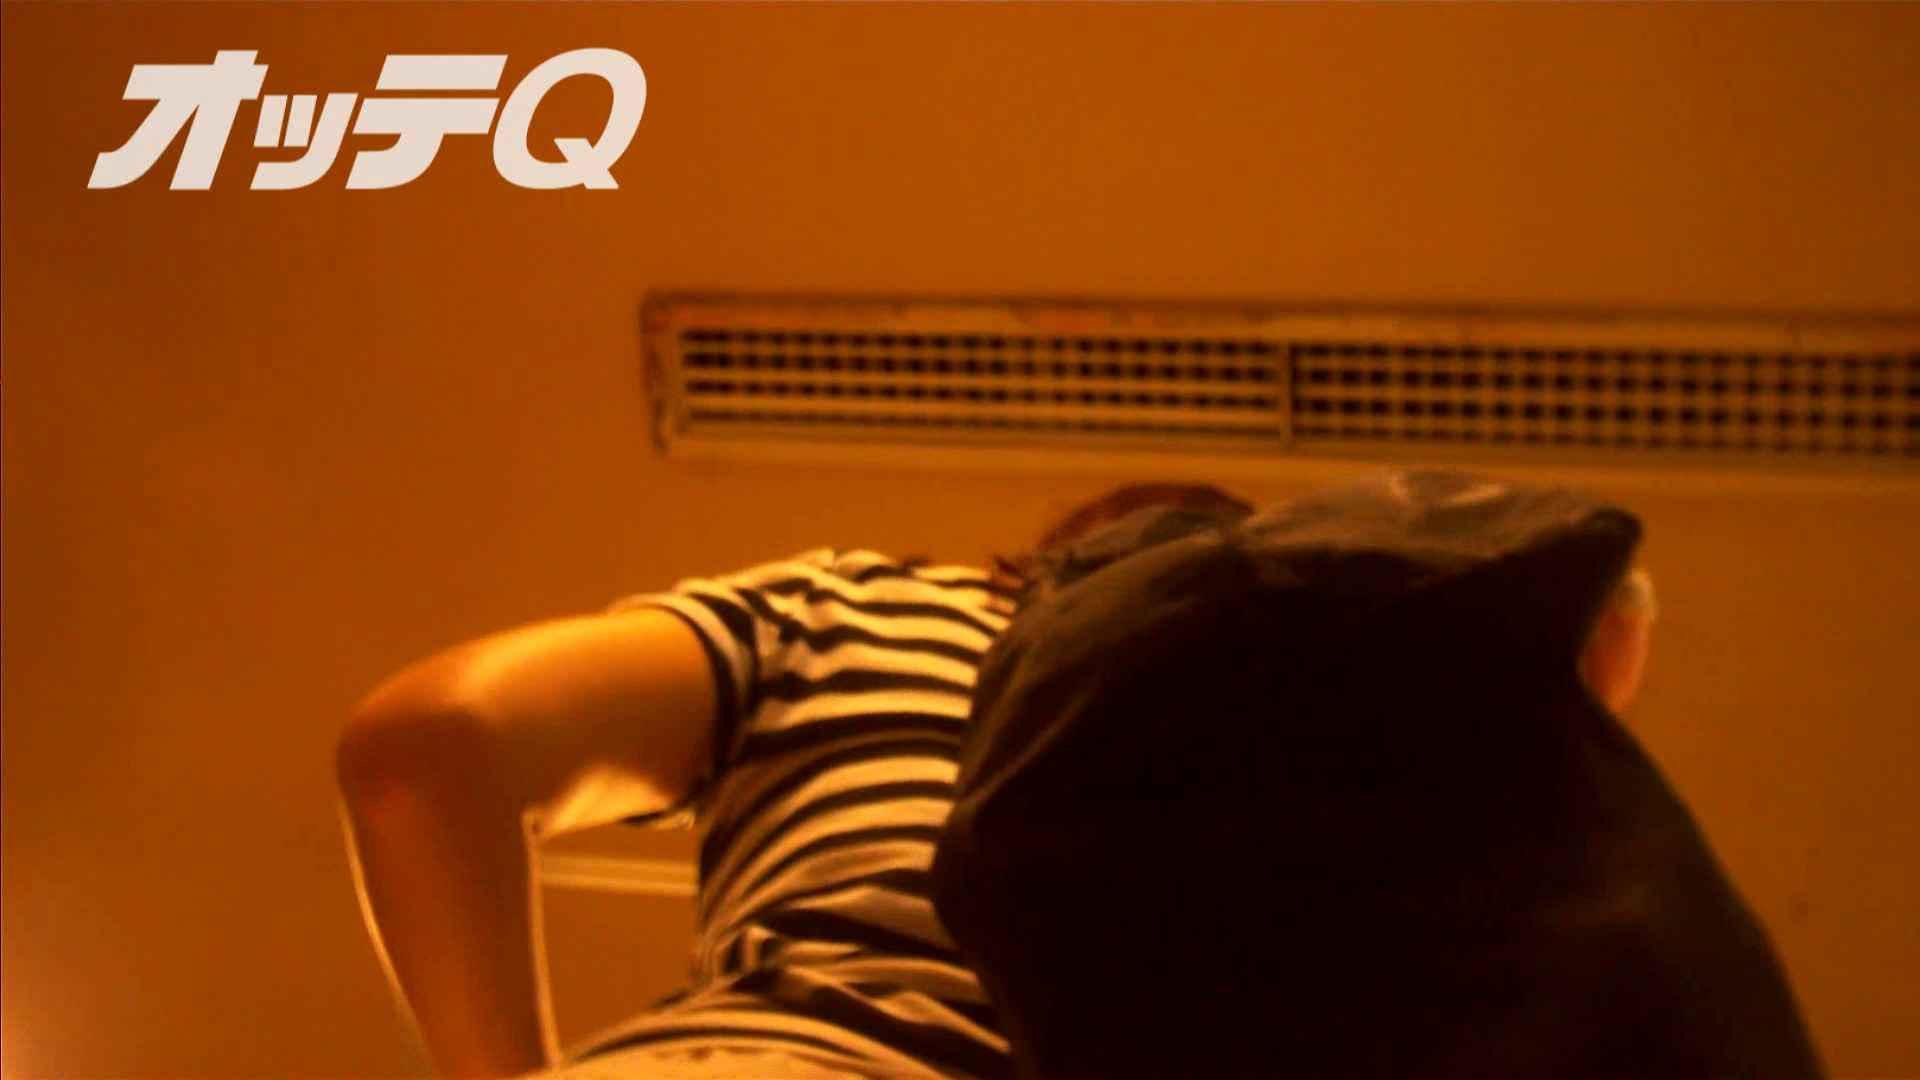 ハイビジョンパンチラ オッテQさんの追跡パンチラデパート編VOL.04 ギャル エロ画像 105pic 45